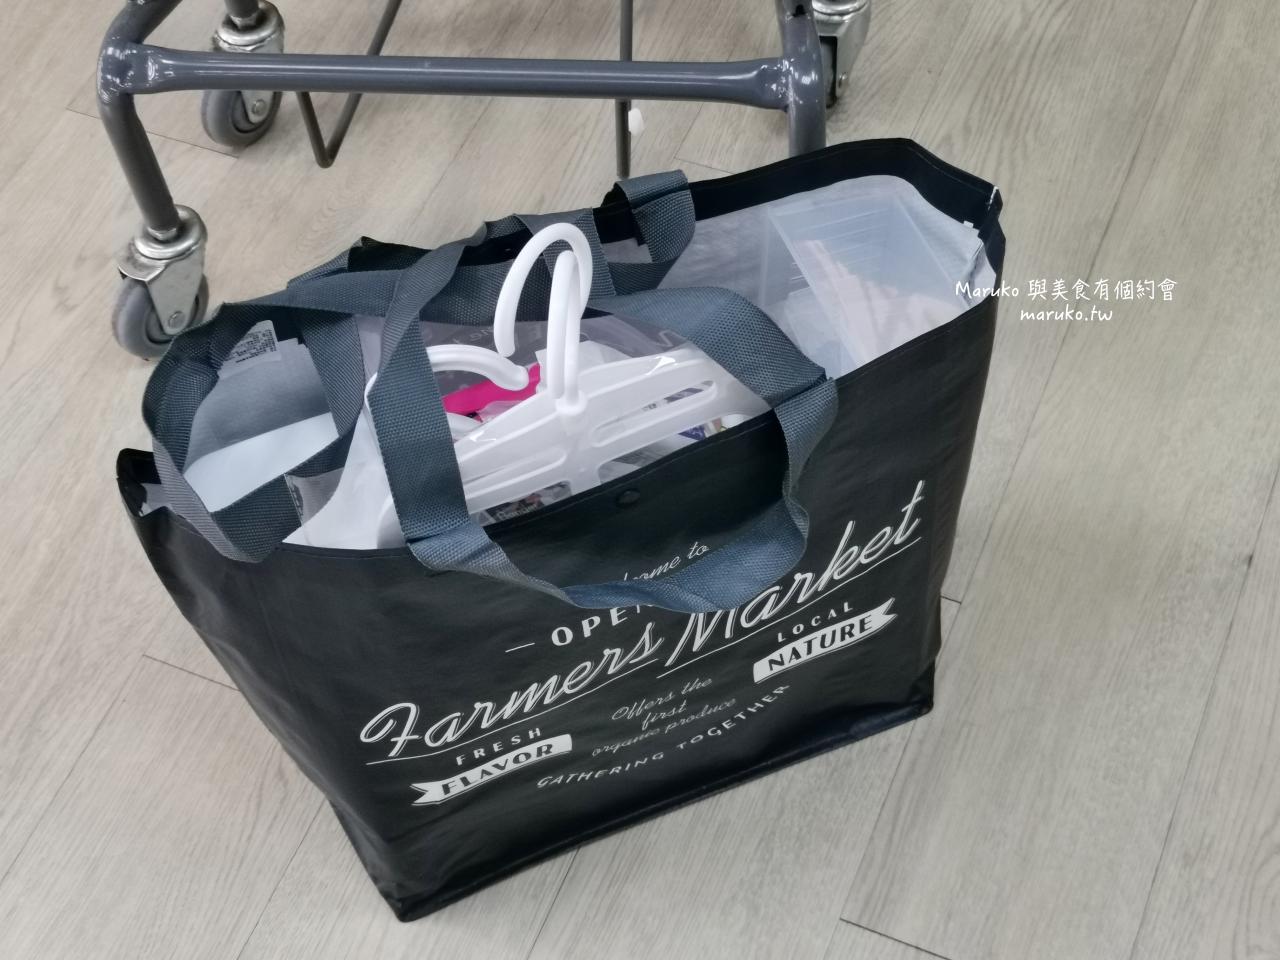 【台北】i color shop/日本直送生活雜貨與日本seria合作均一價49元/門市網路商城同步開賣 @Maruko與美食有個約會